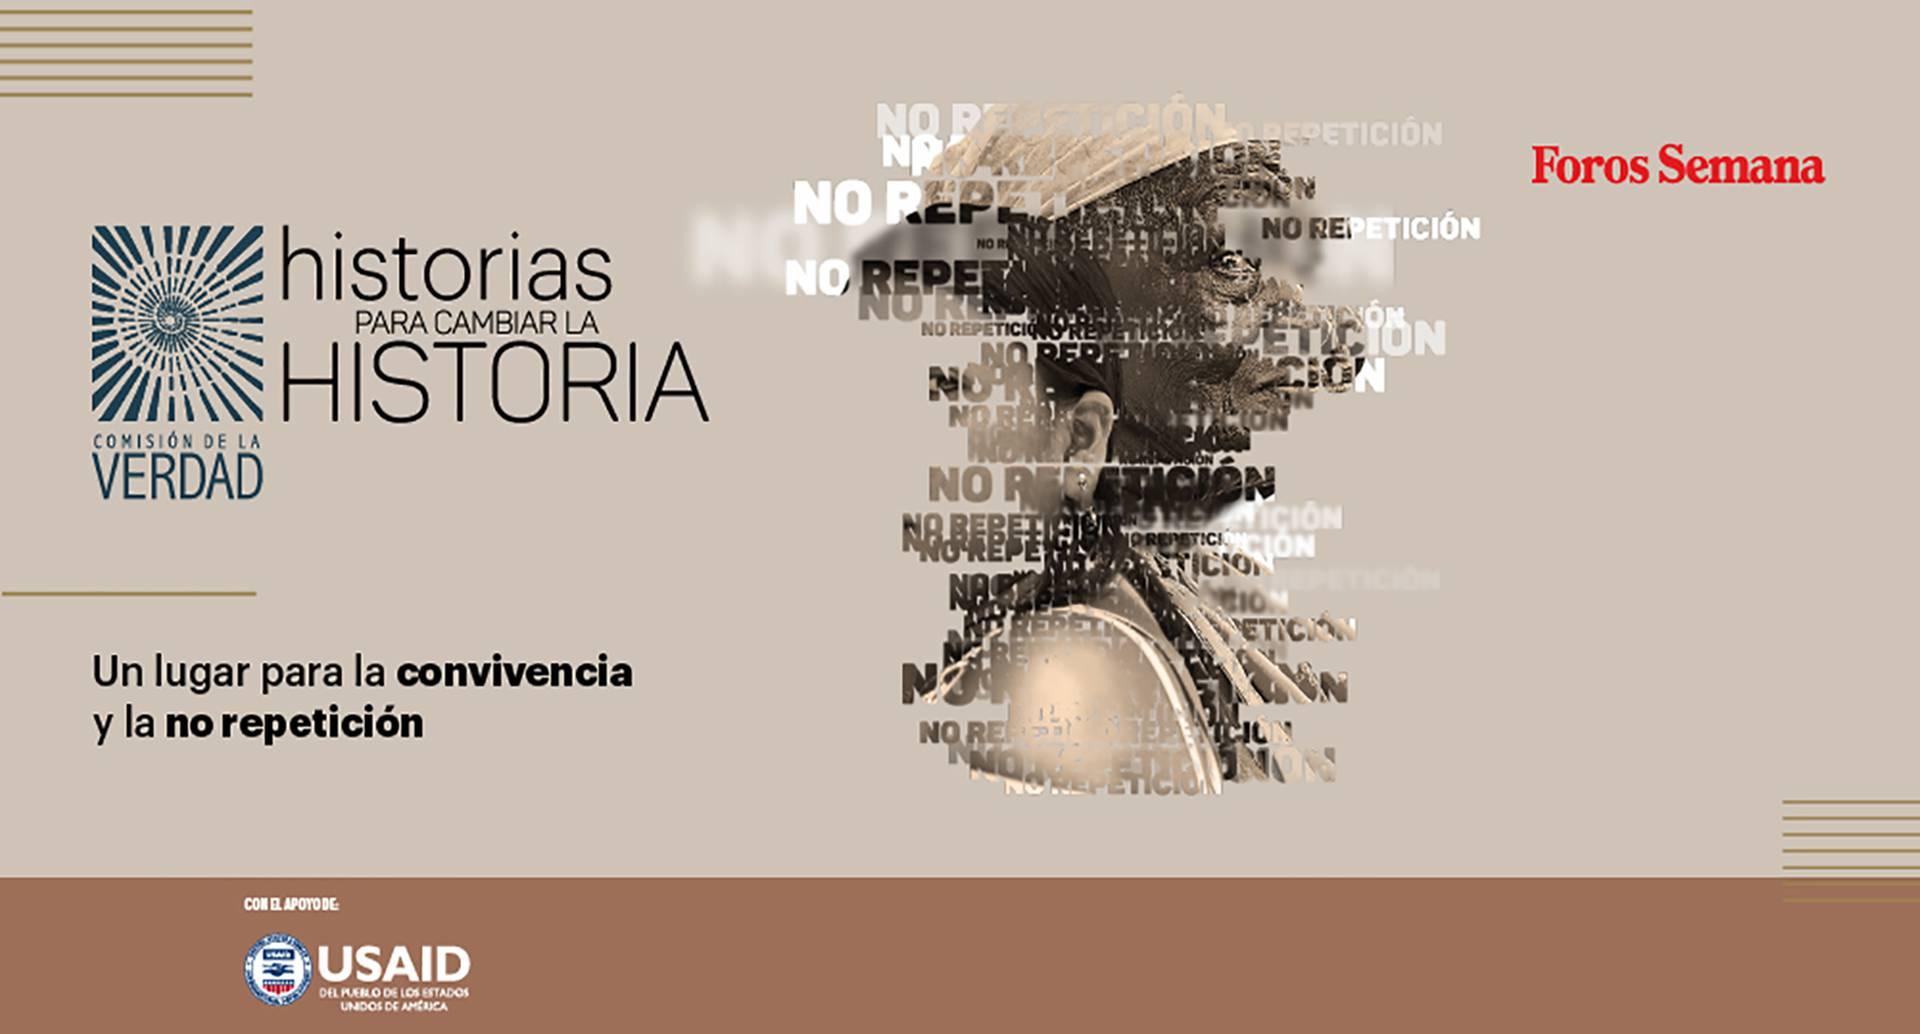 Reconocidos artistas y miembros de la Comisión de la Verdad lanzaron el proyecto 'Historias para cambiar la historia', una iniciativa que cuenta relatos de esperanza en medio del conflicto. .